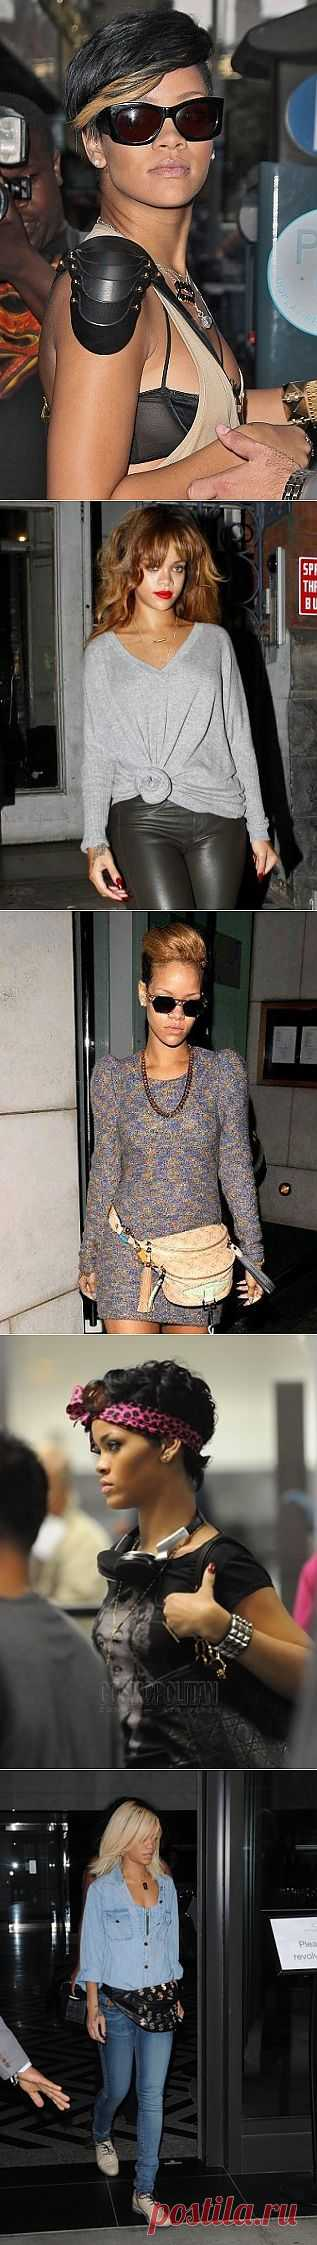 Рианна - наш человек / Звездный стиль / Модный сайт о стильной переделке одежды и интерьера